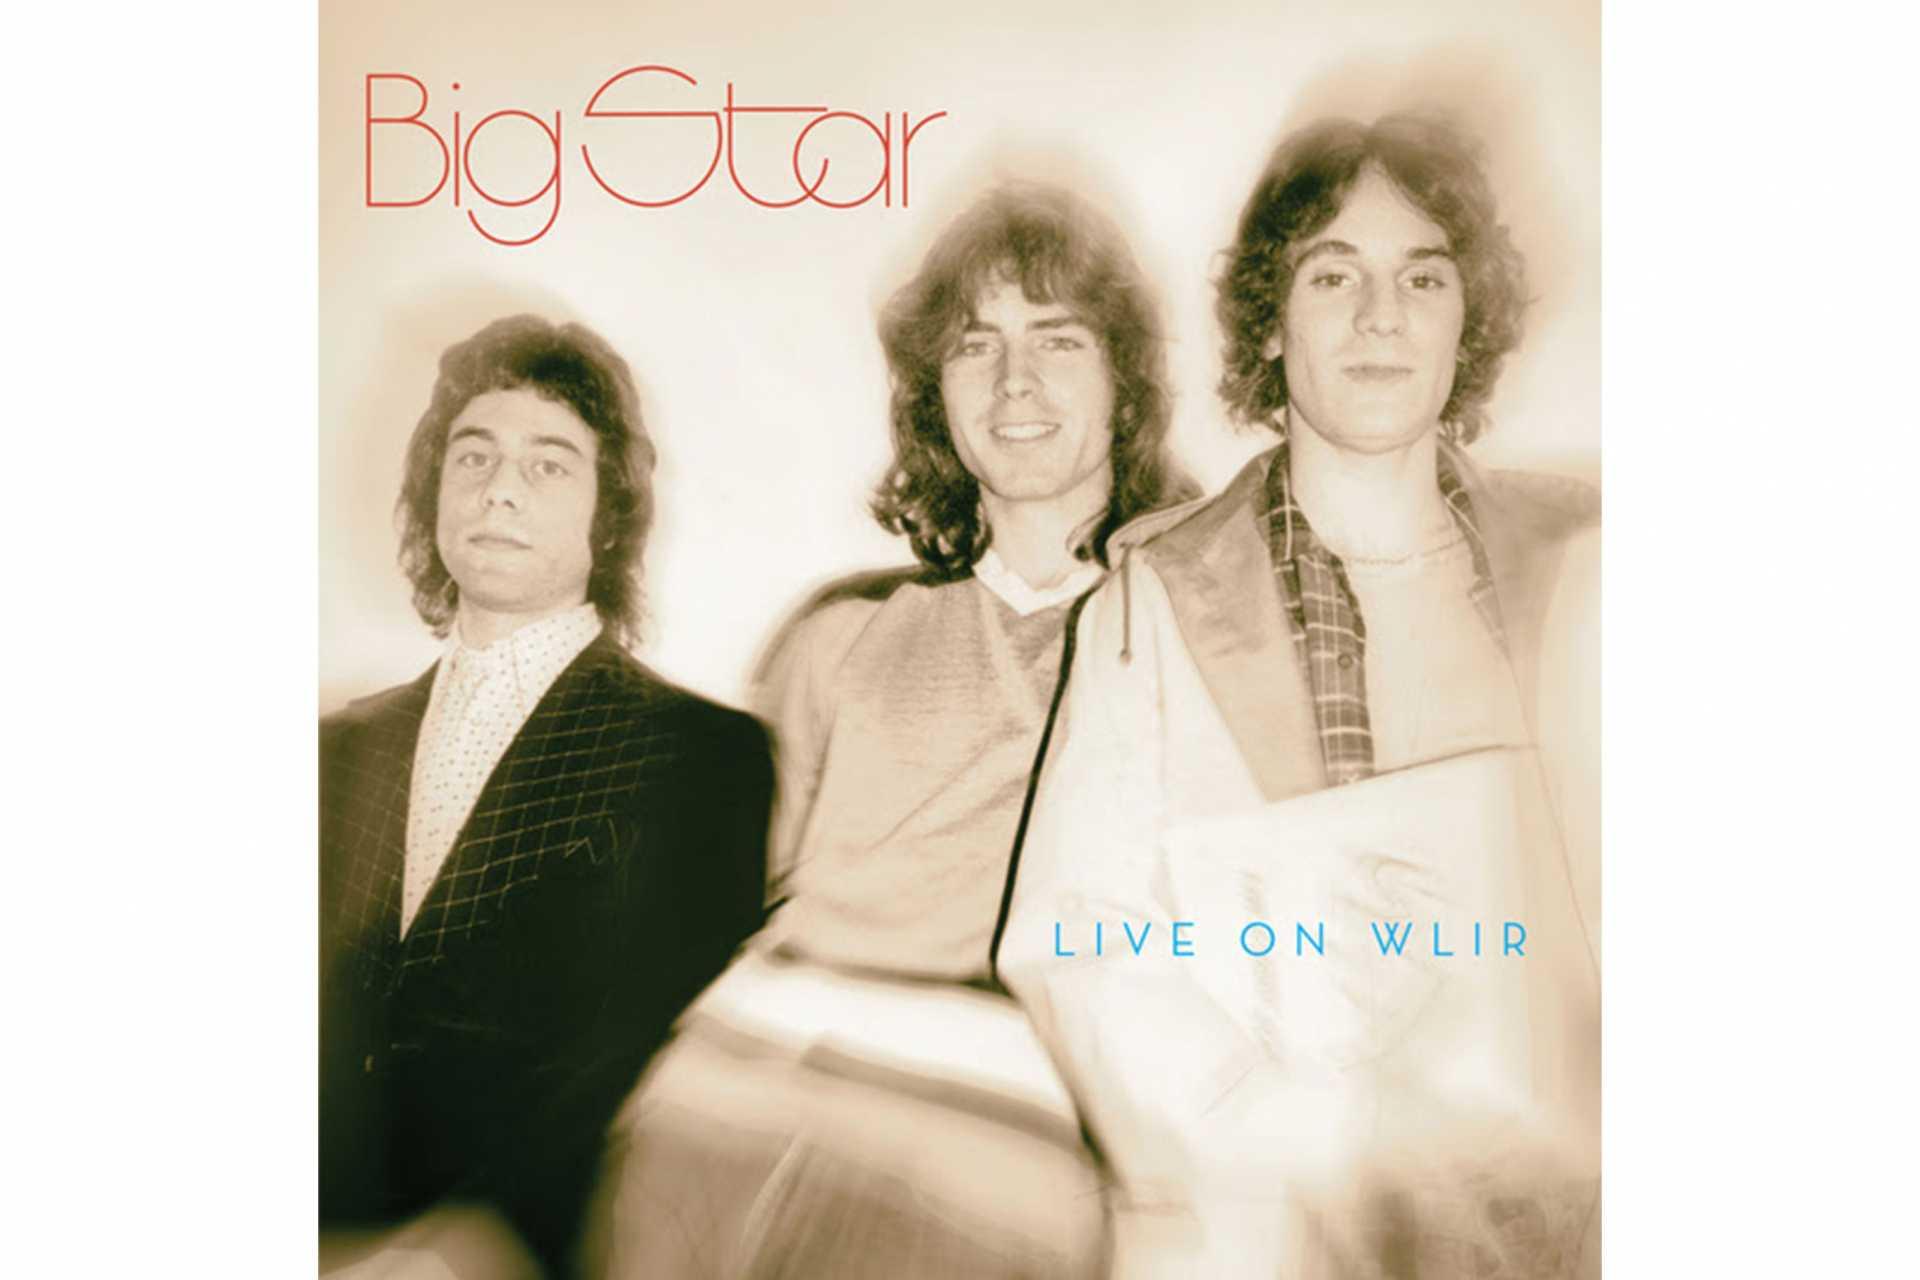 ビッグ・スターの『Live on WLIR』が2019年1月発売